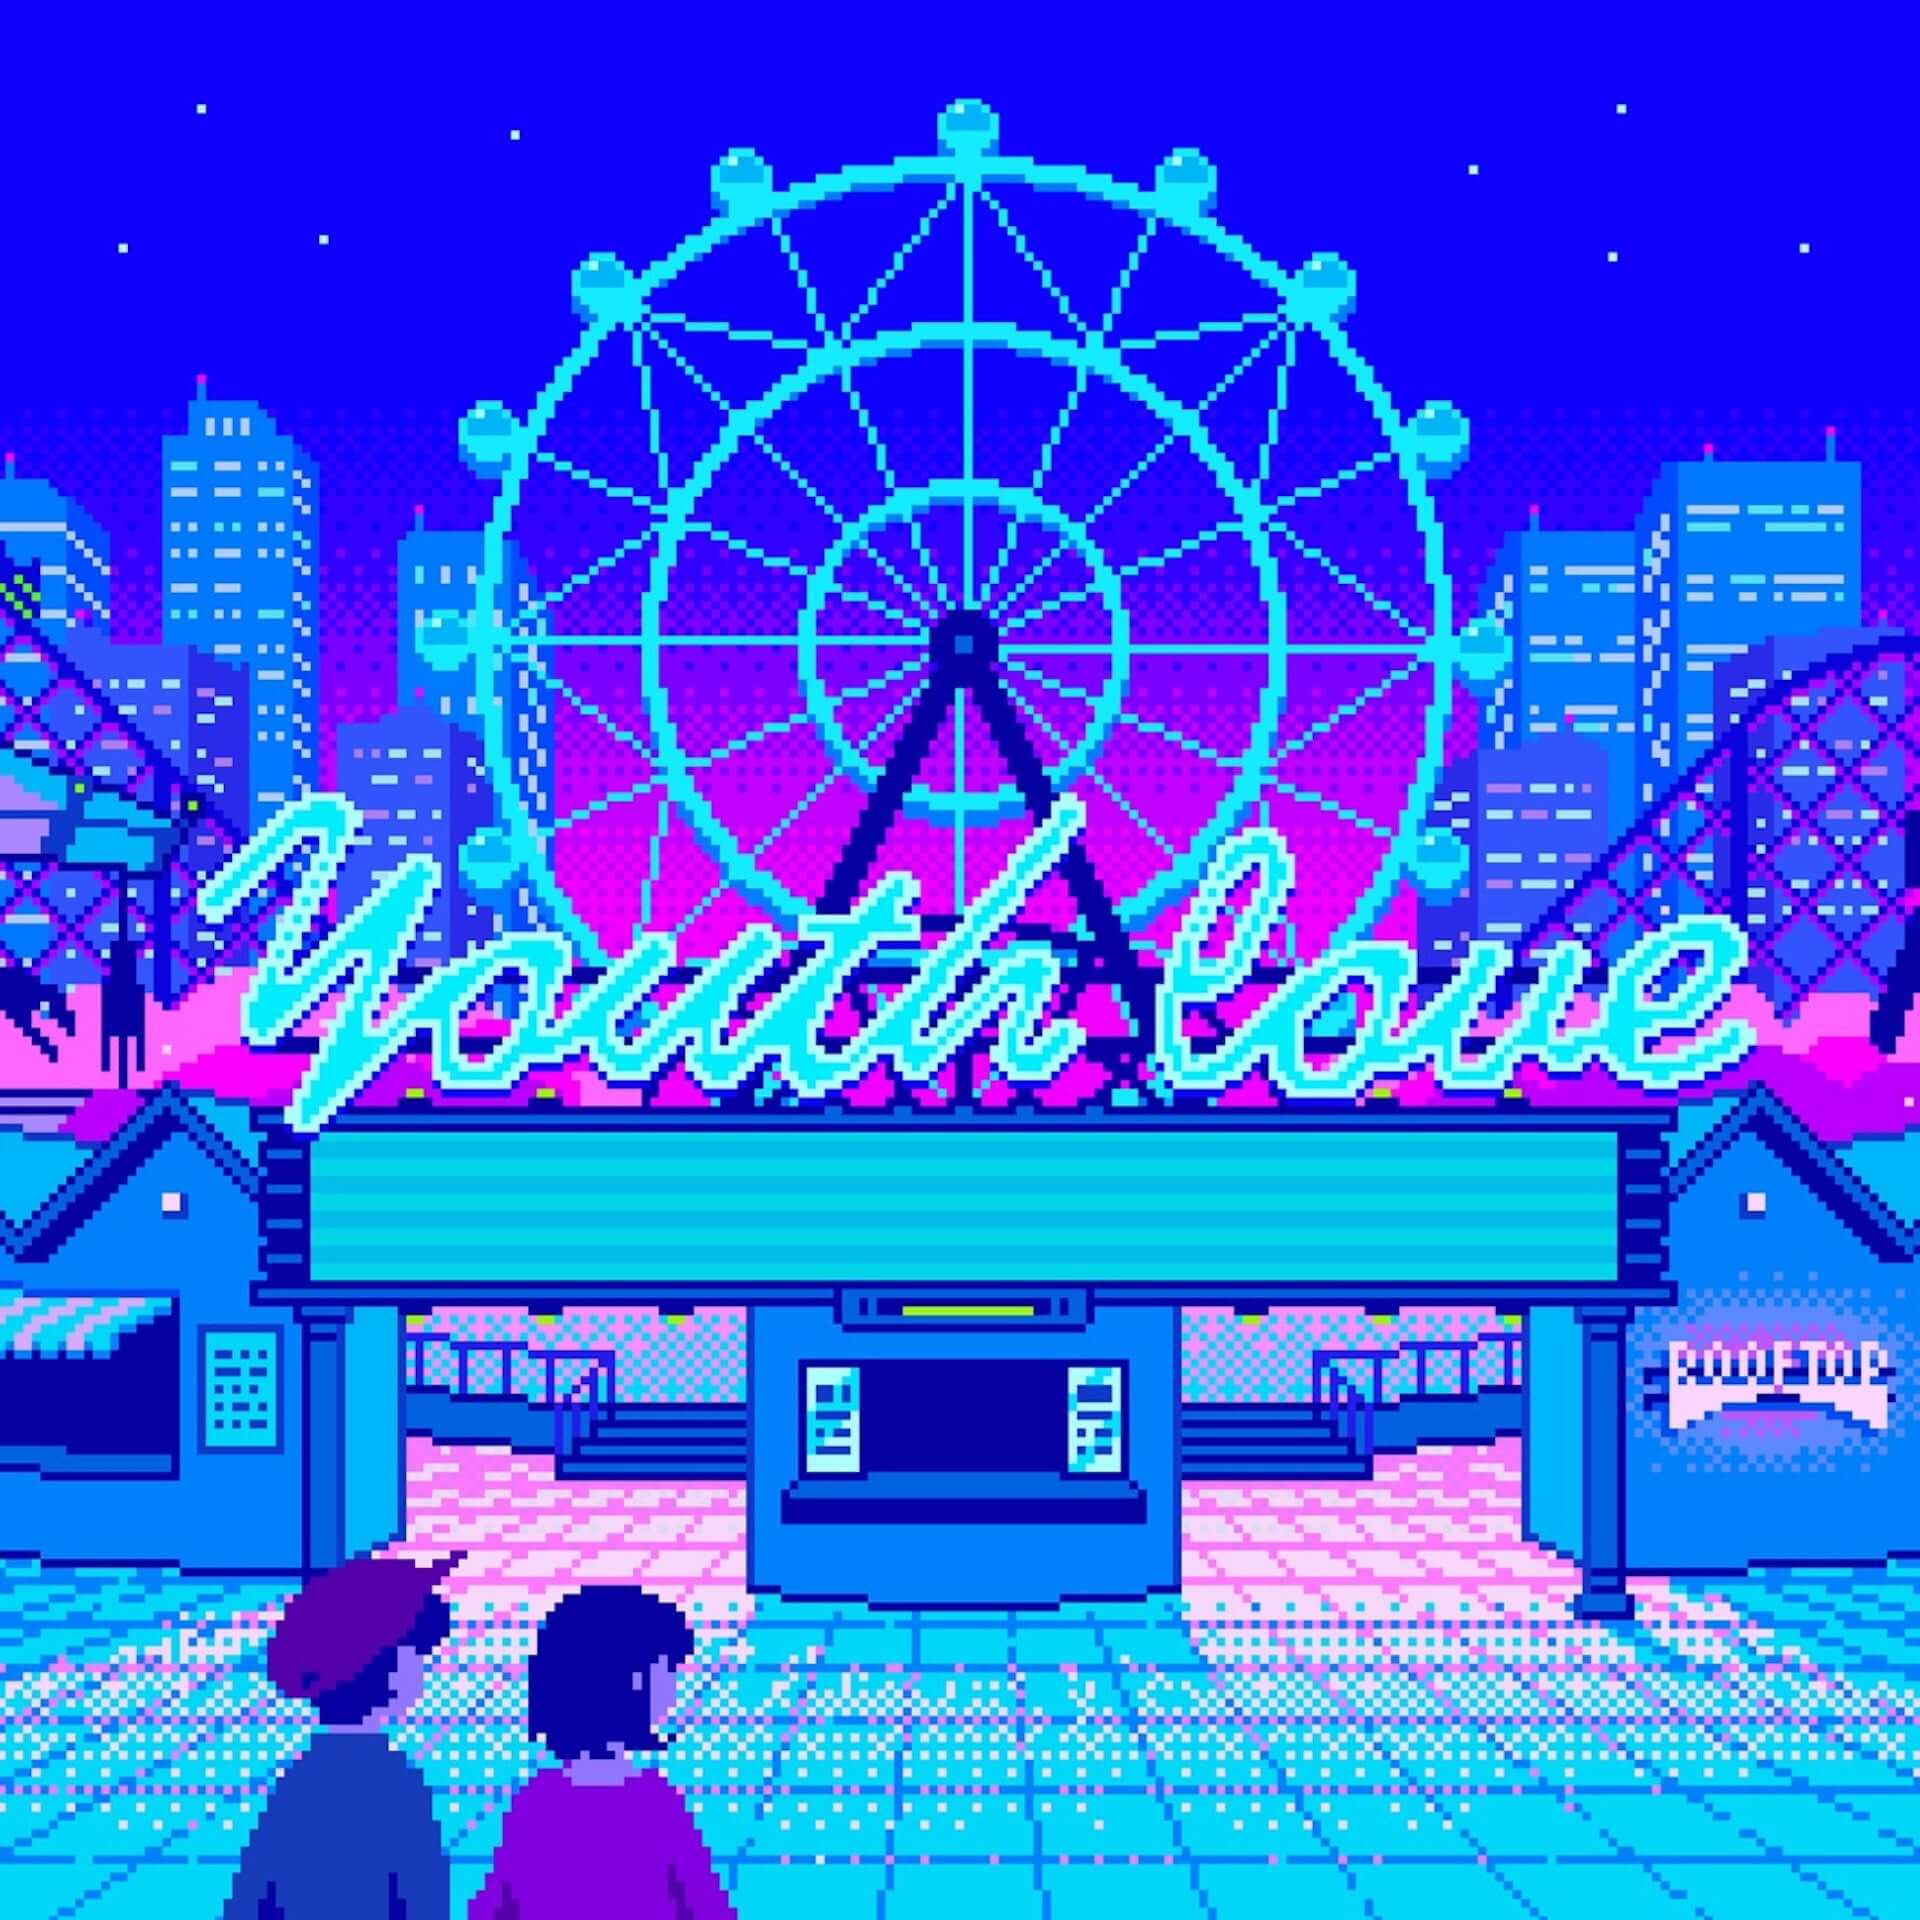 """クボタカイの連続配信第3弾作品""""Youth love""""がMVと共にリリース決定!「九大情報解禁」もスタート music210215_kubotakai_1-1920x1920"""